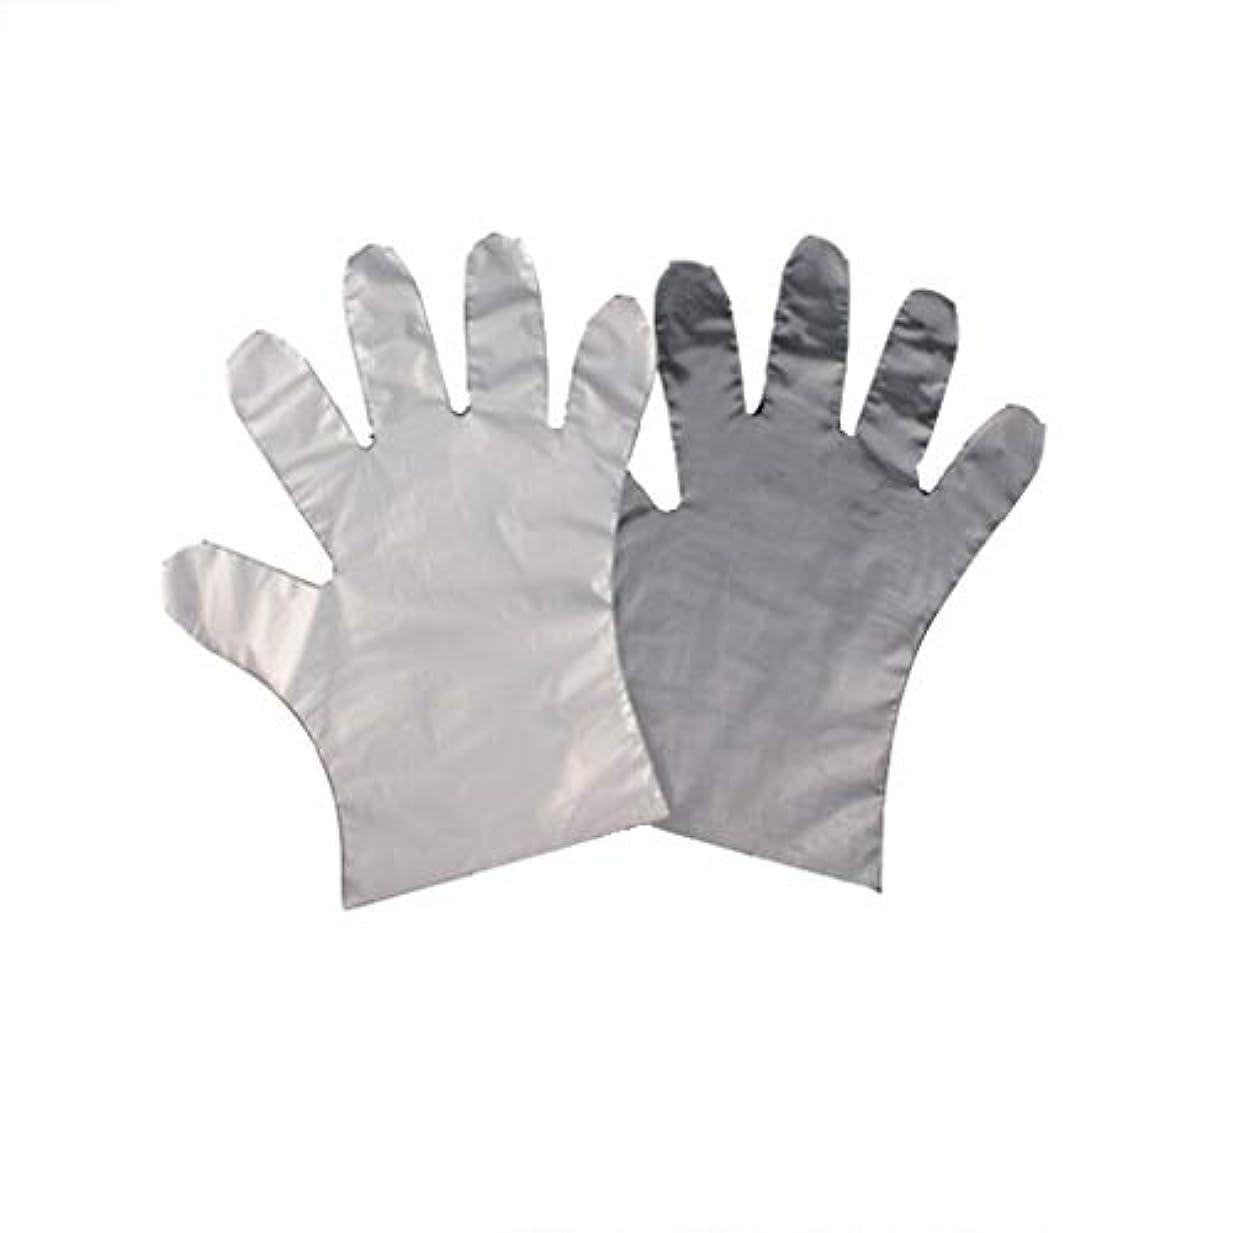 我慢するさわやか含意手袋、使い捨てPE手袋、食品の肥厚、透明な2つのオープンポケット-600のみ。